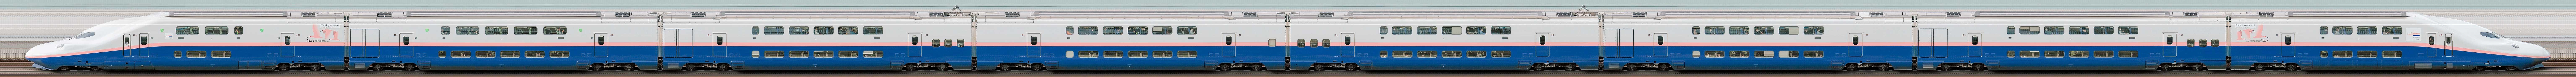 JR東日本E4系「Max」新潟新幹線車両センターP12編成(ラストランロゴ・山側)の編成サイドビュー